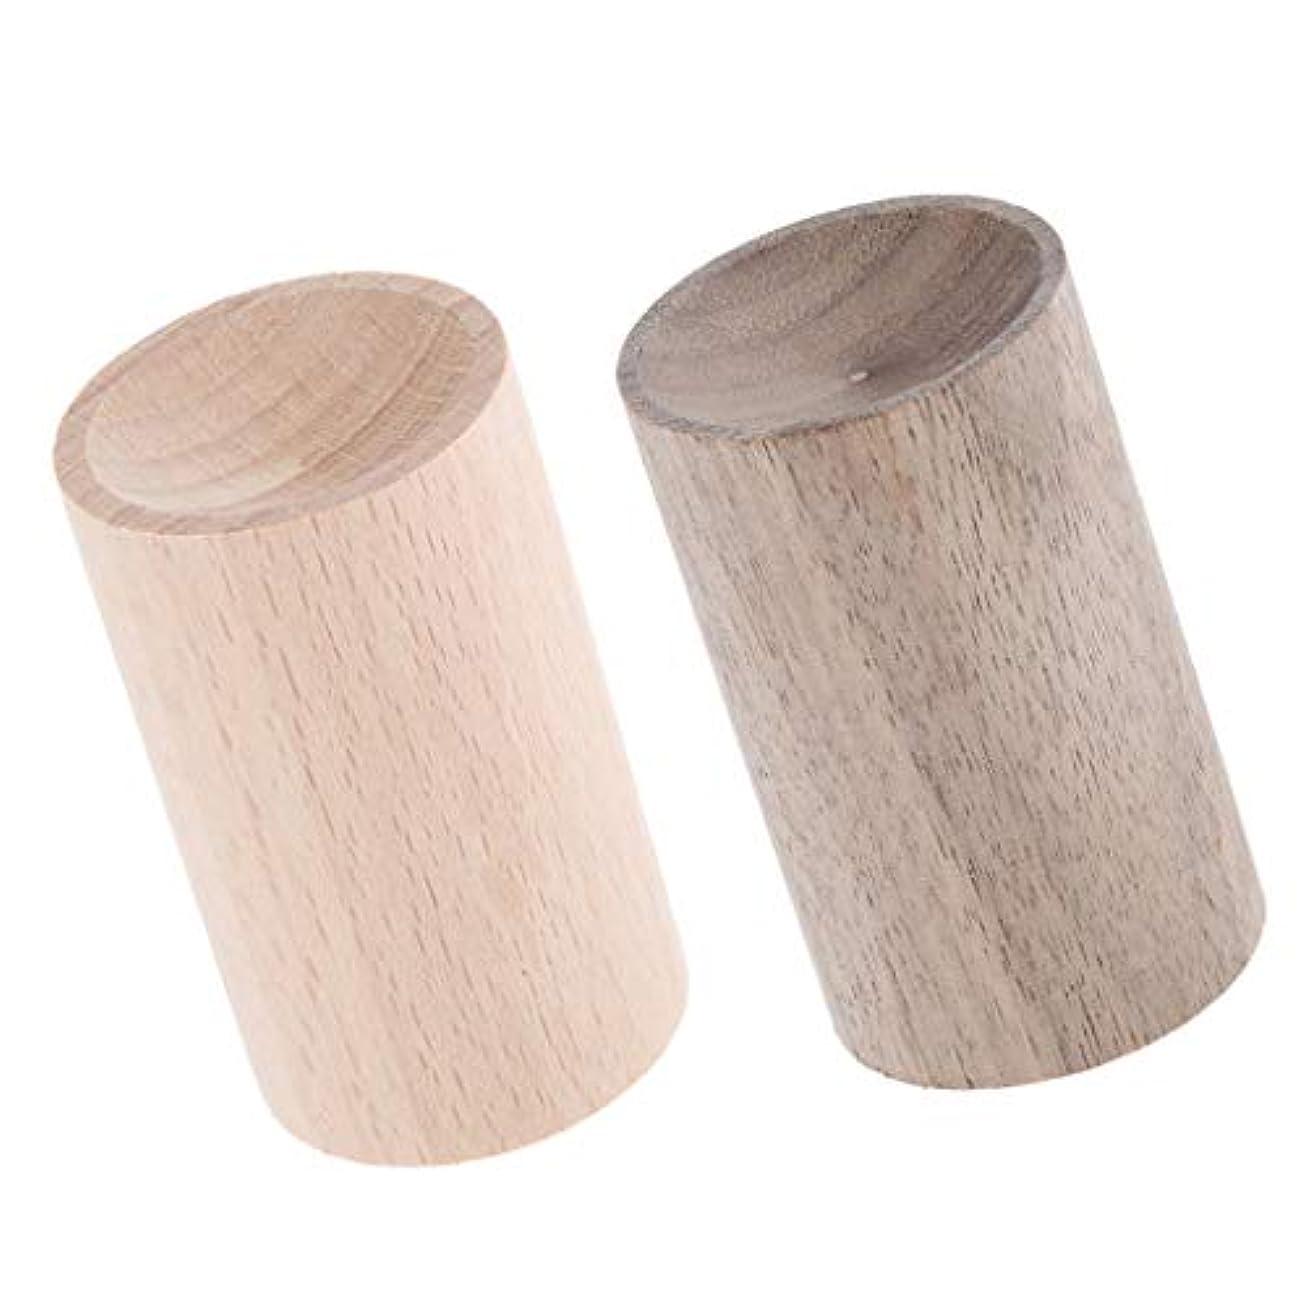 暖炉くるみ血まみれのFLAMEER エッセンシャルオイルディフューザー 天然木 手作り ホーム オフィス 旅行 車用 2ピース